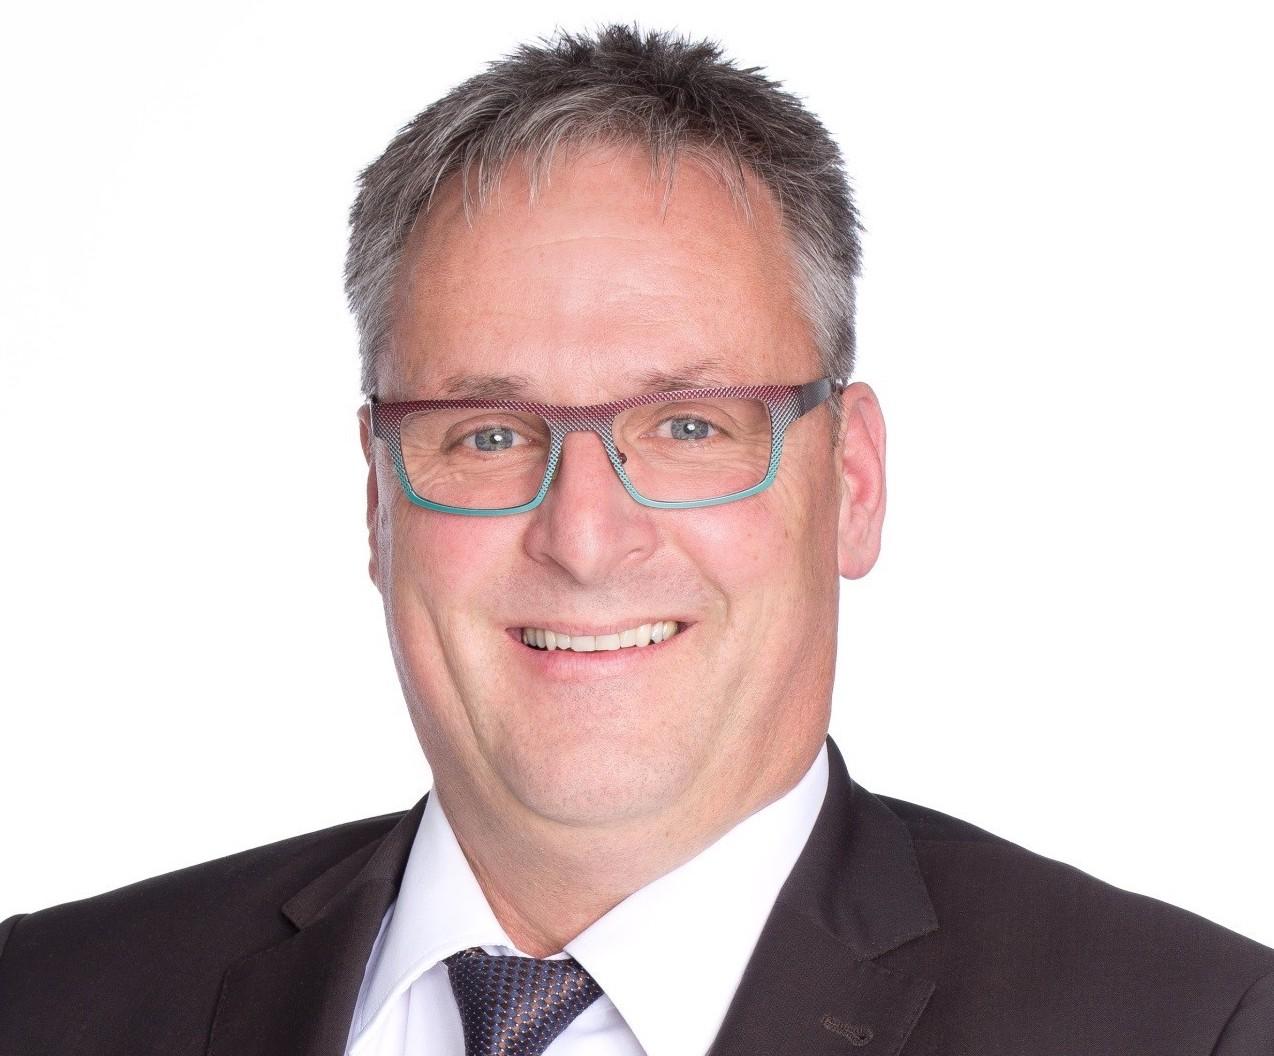 Thomas Grüter, CVP-Kantonsrat und Gemeindepräsident von St. Urban.